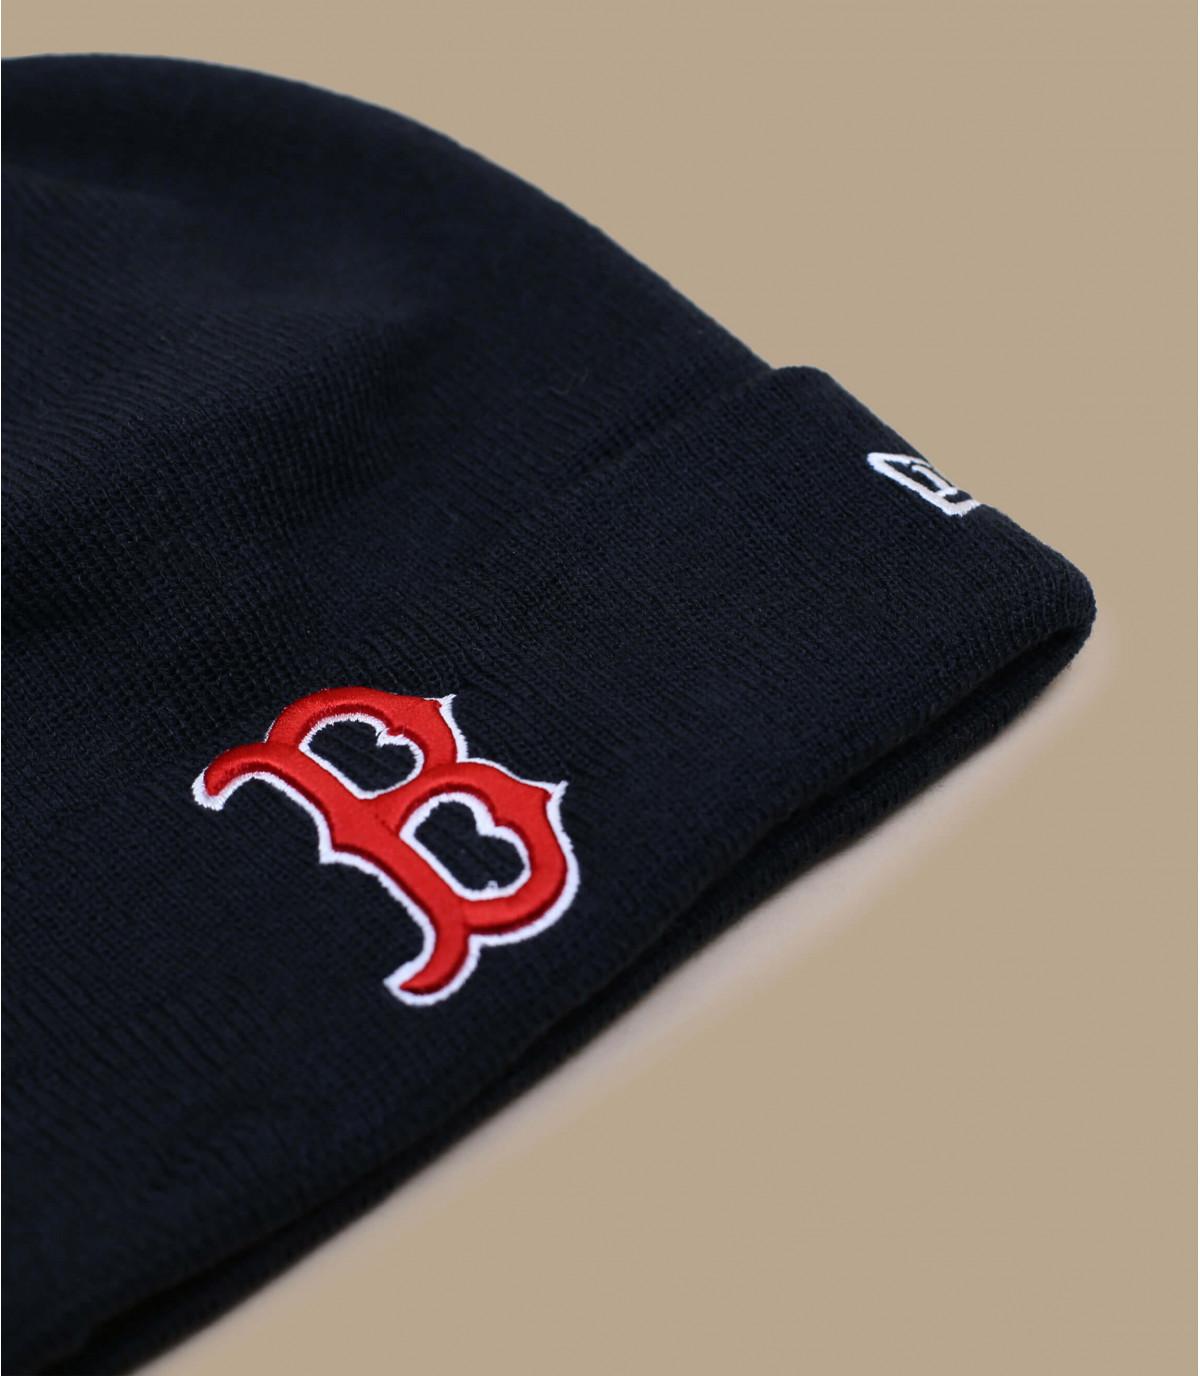 Details MLB Essential Cuff Boston team - afbeeling 2